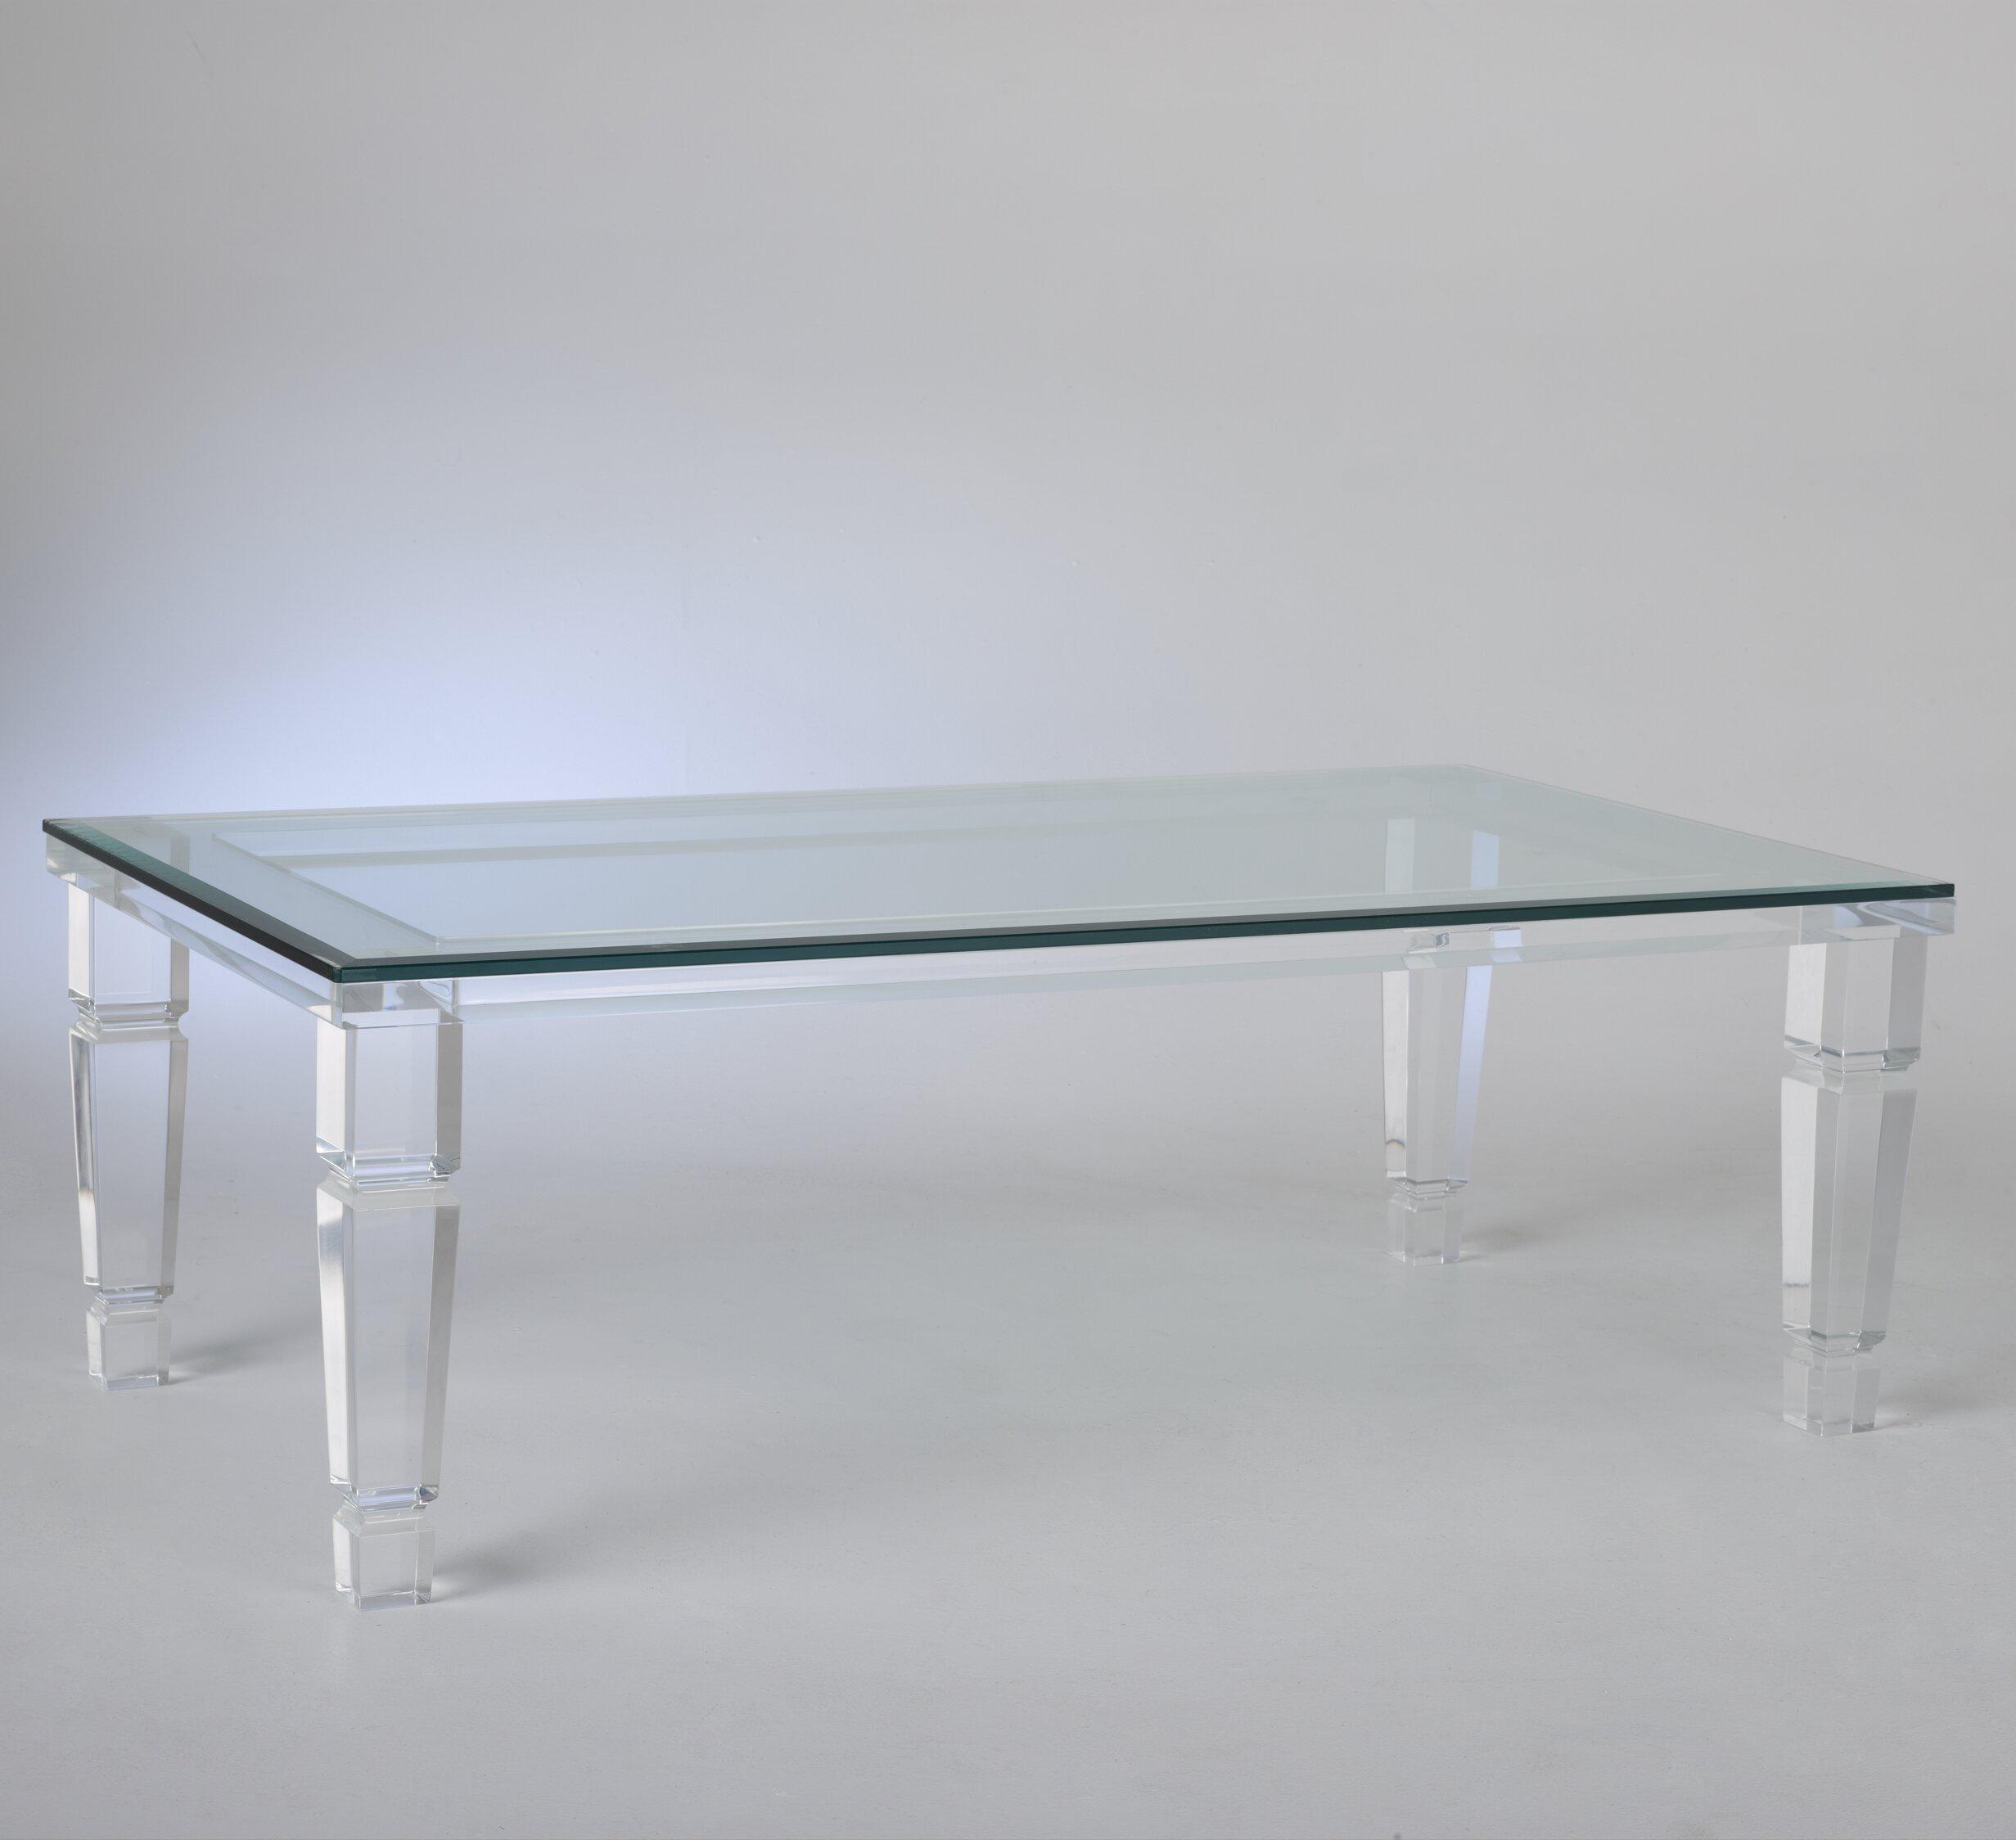 Muniz Philipe Coffee Table Wayfair [ 2248 x 2463 Pixel ]